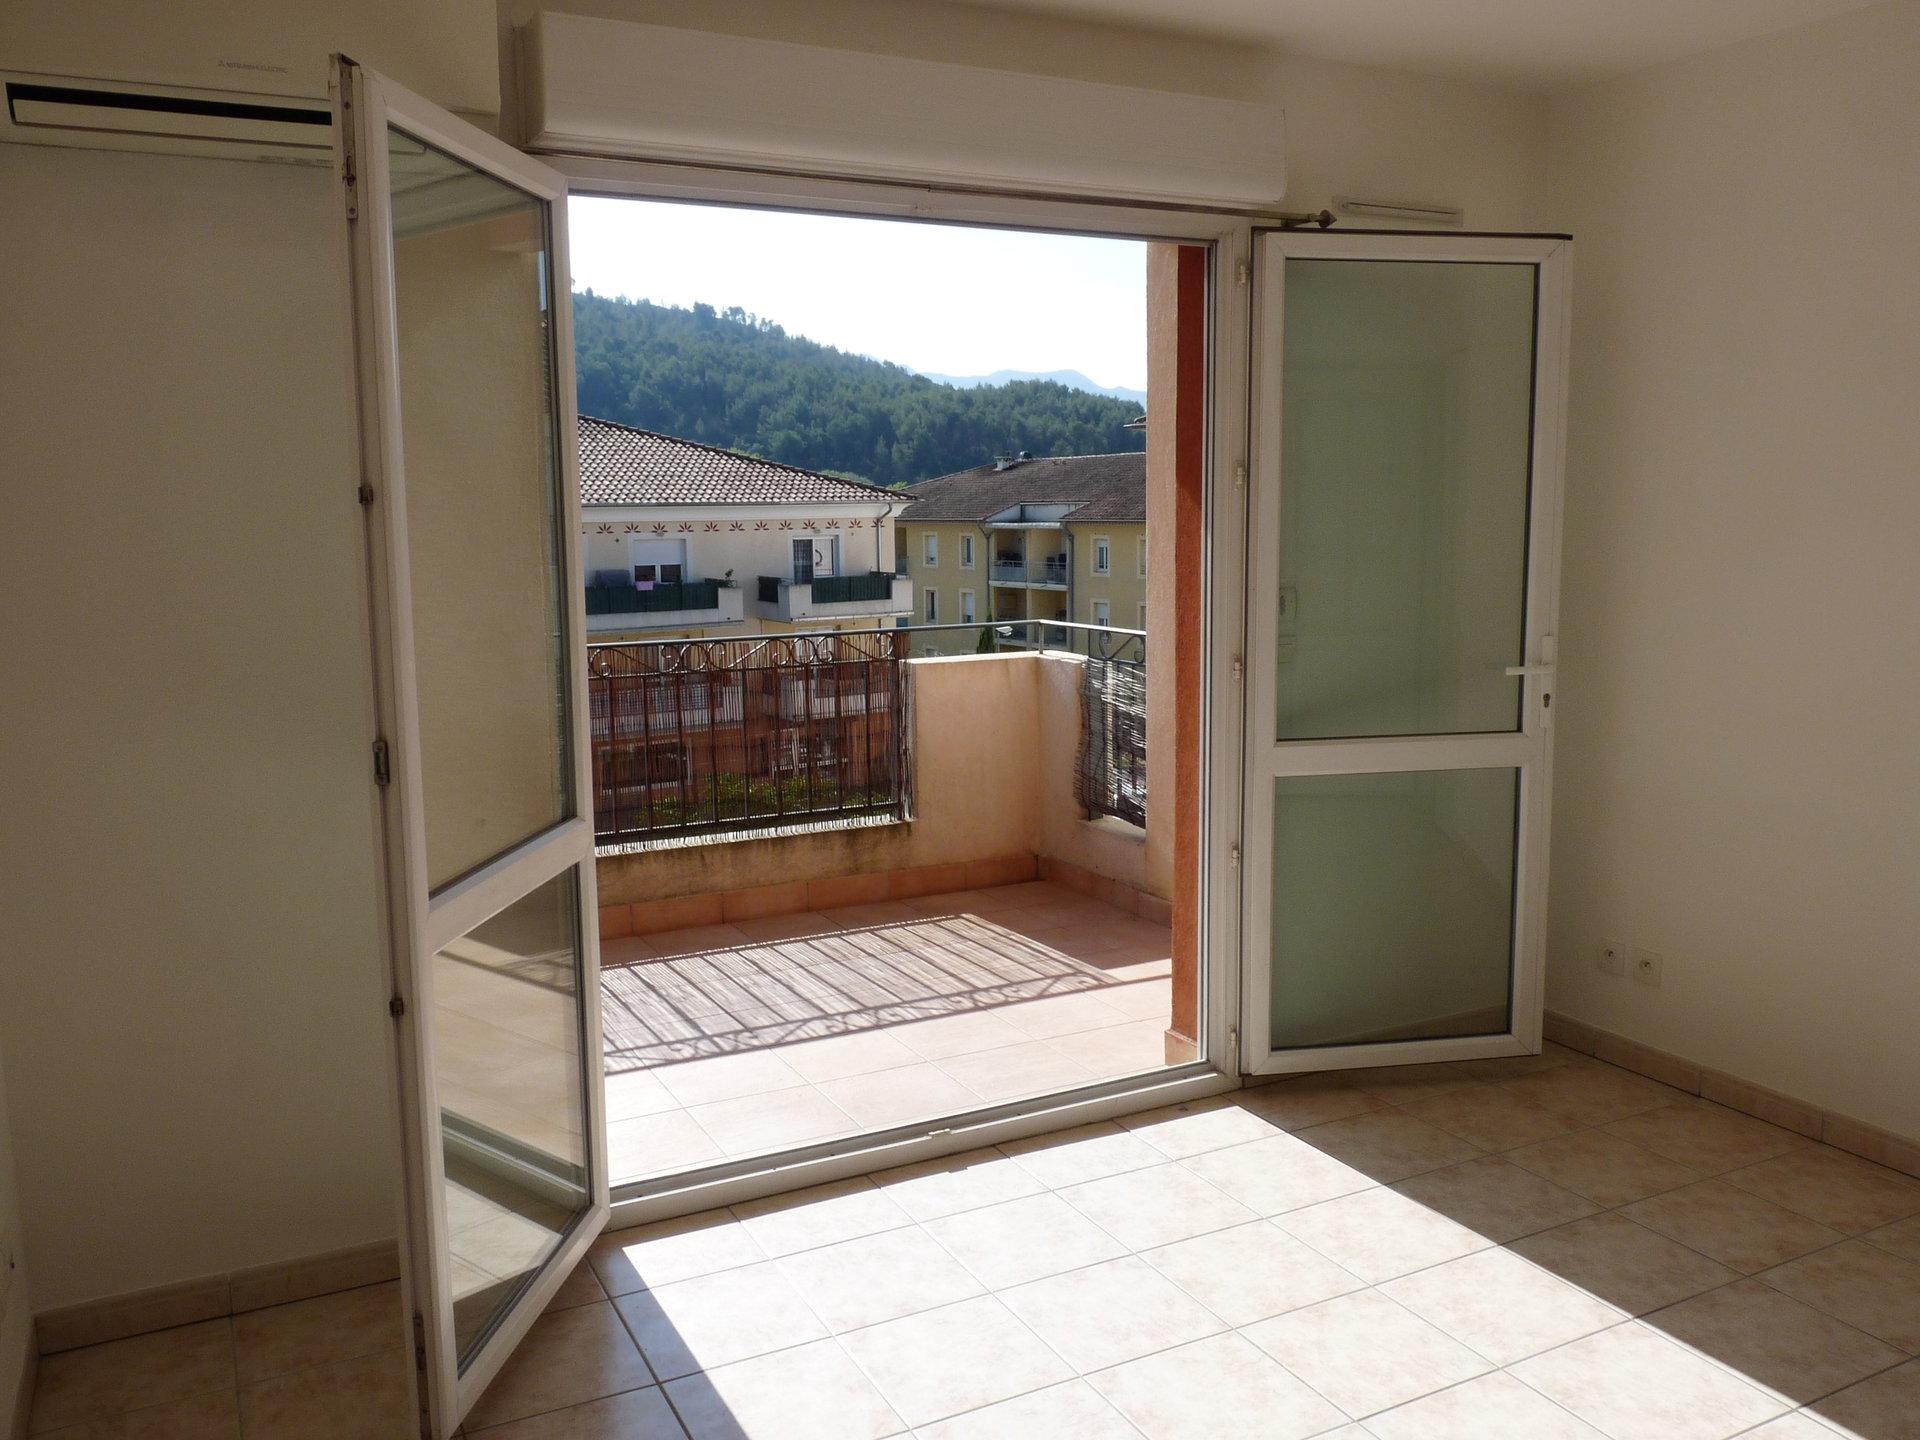 Appartement type 2, 43.50 m², une chambre, place privatif